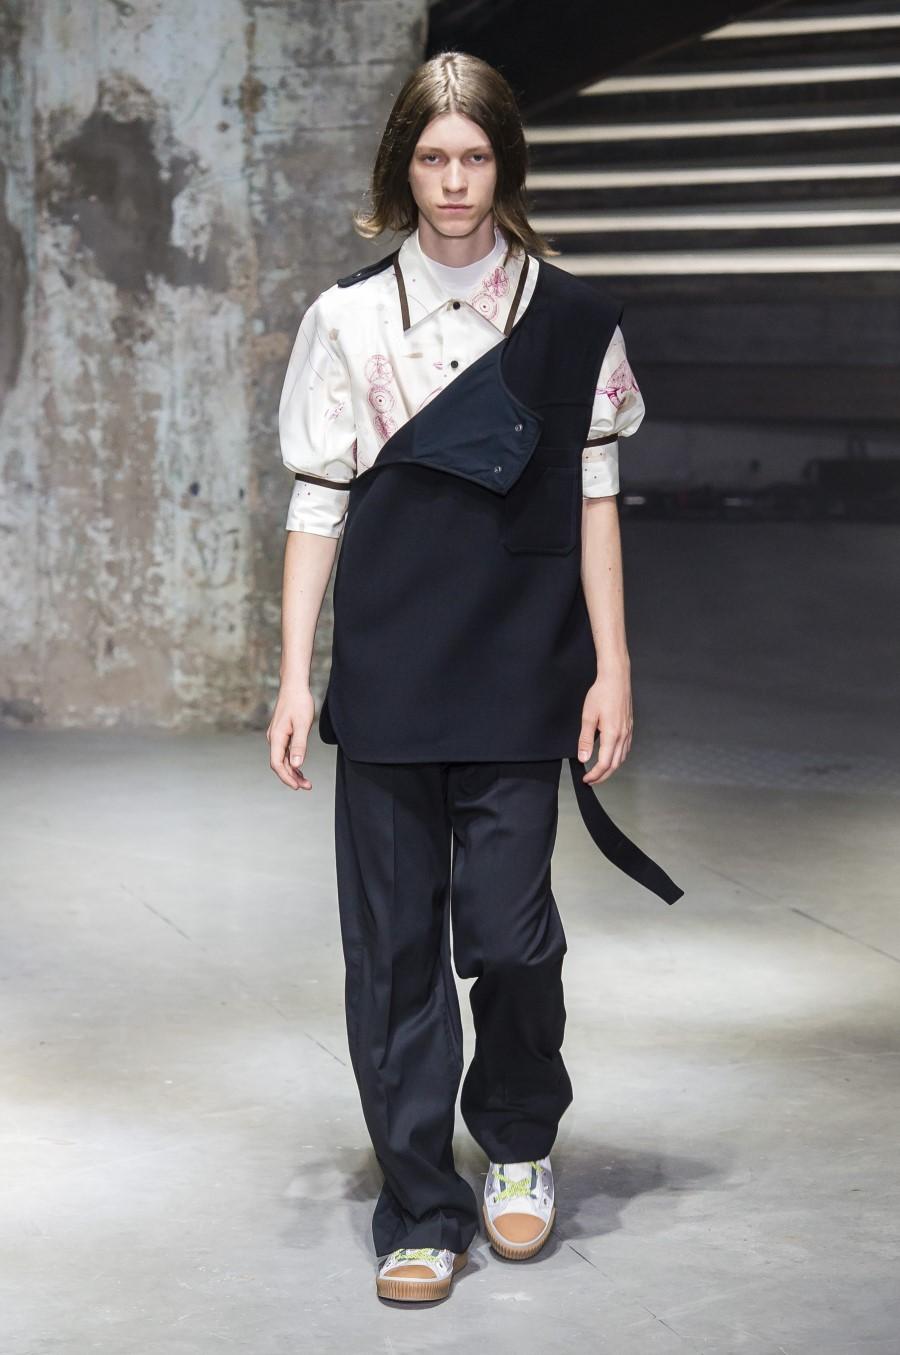 Lanvin Spring/Summer 2019 - Paris Fashion Week